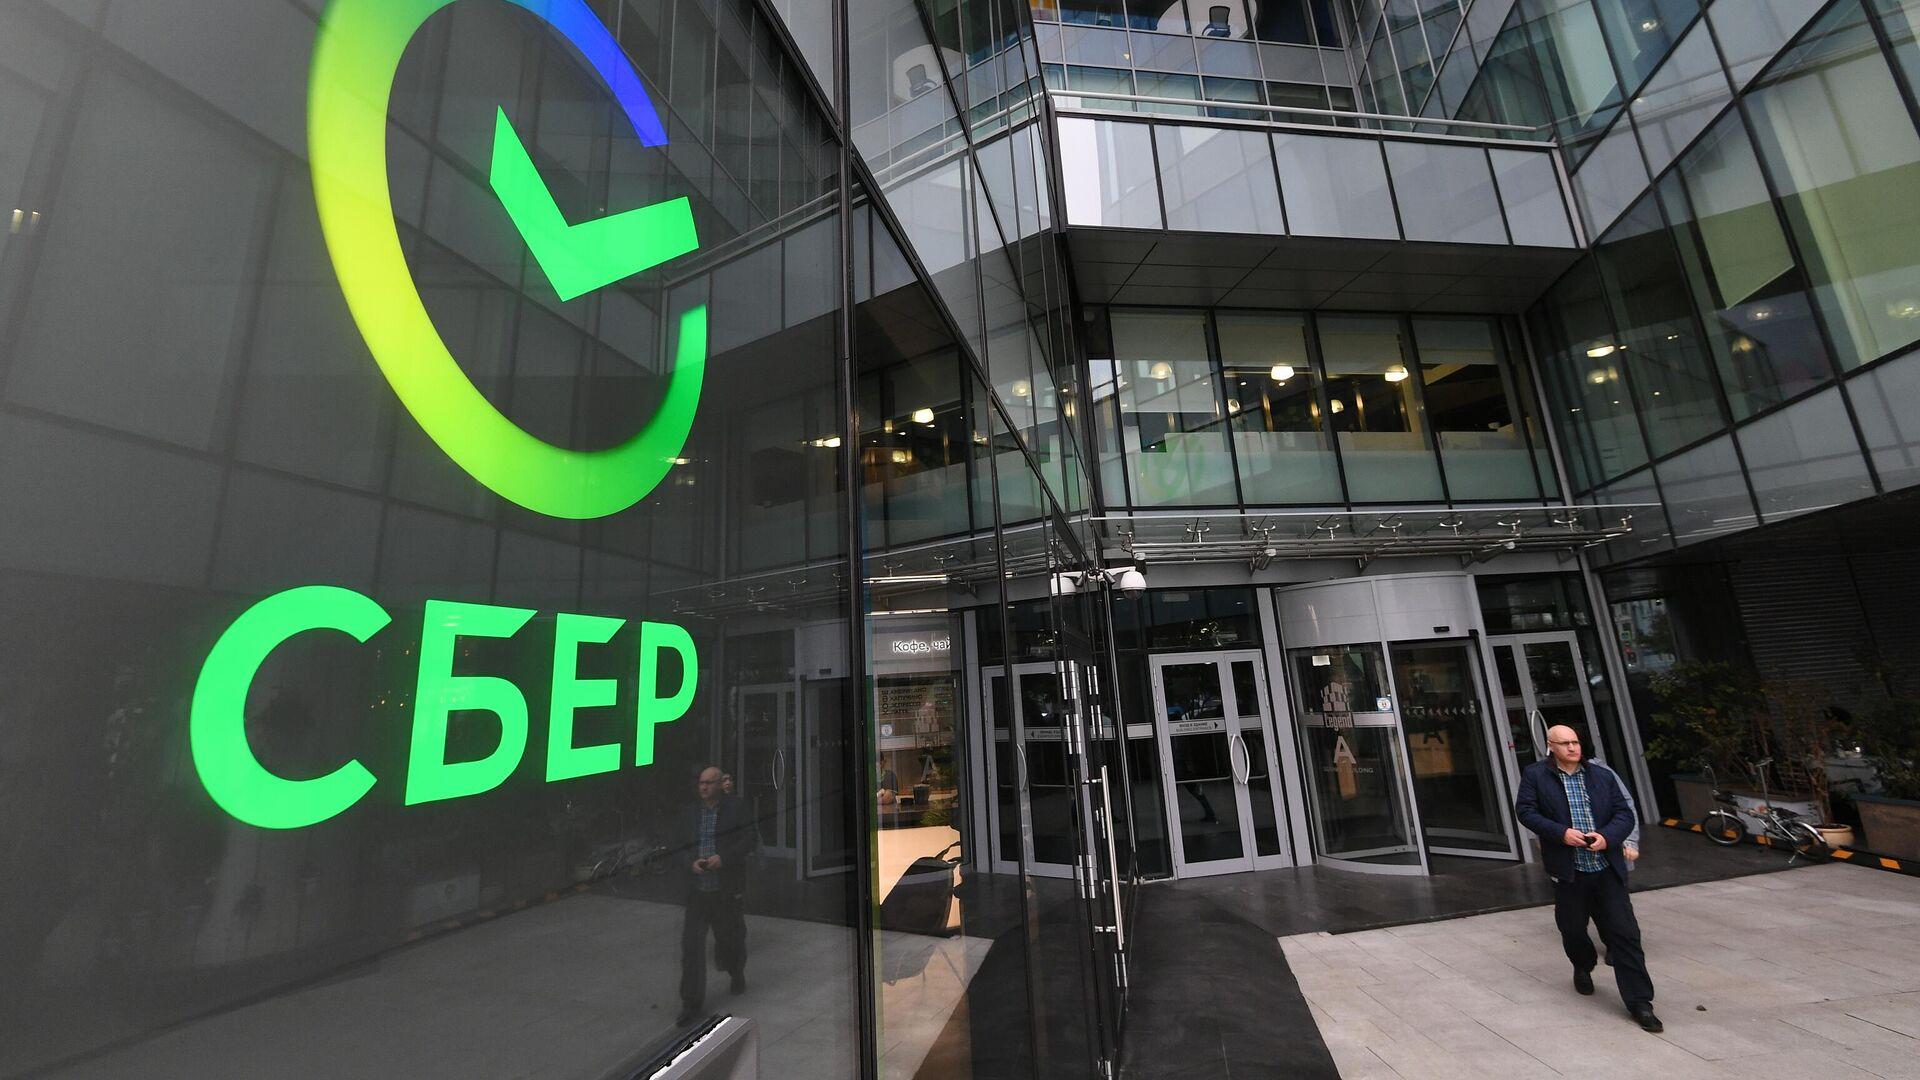 Сбербанк стал крупнейшим по капитализации банком Европы